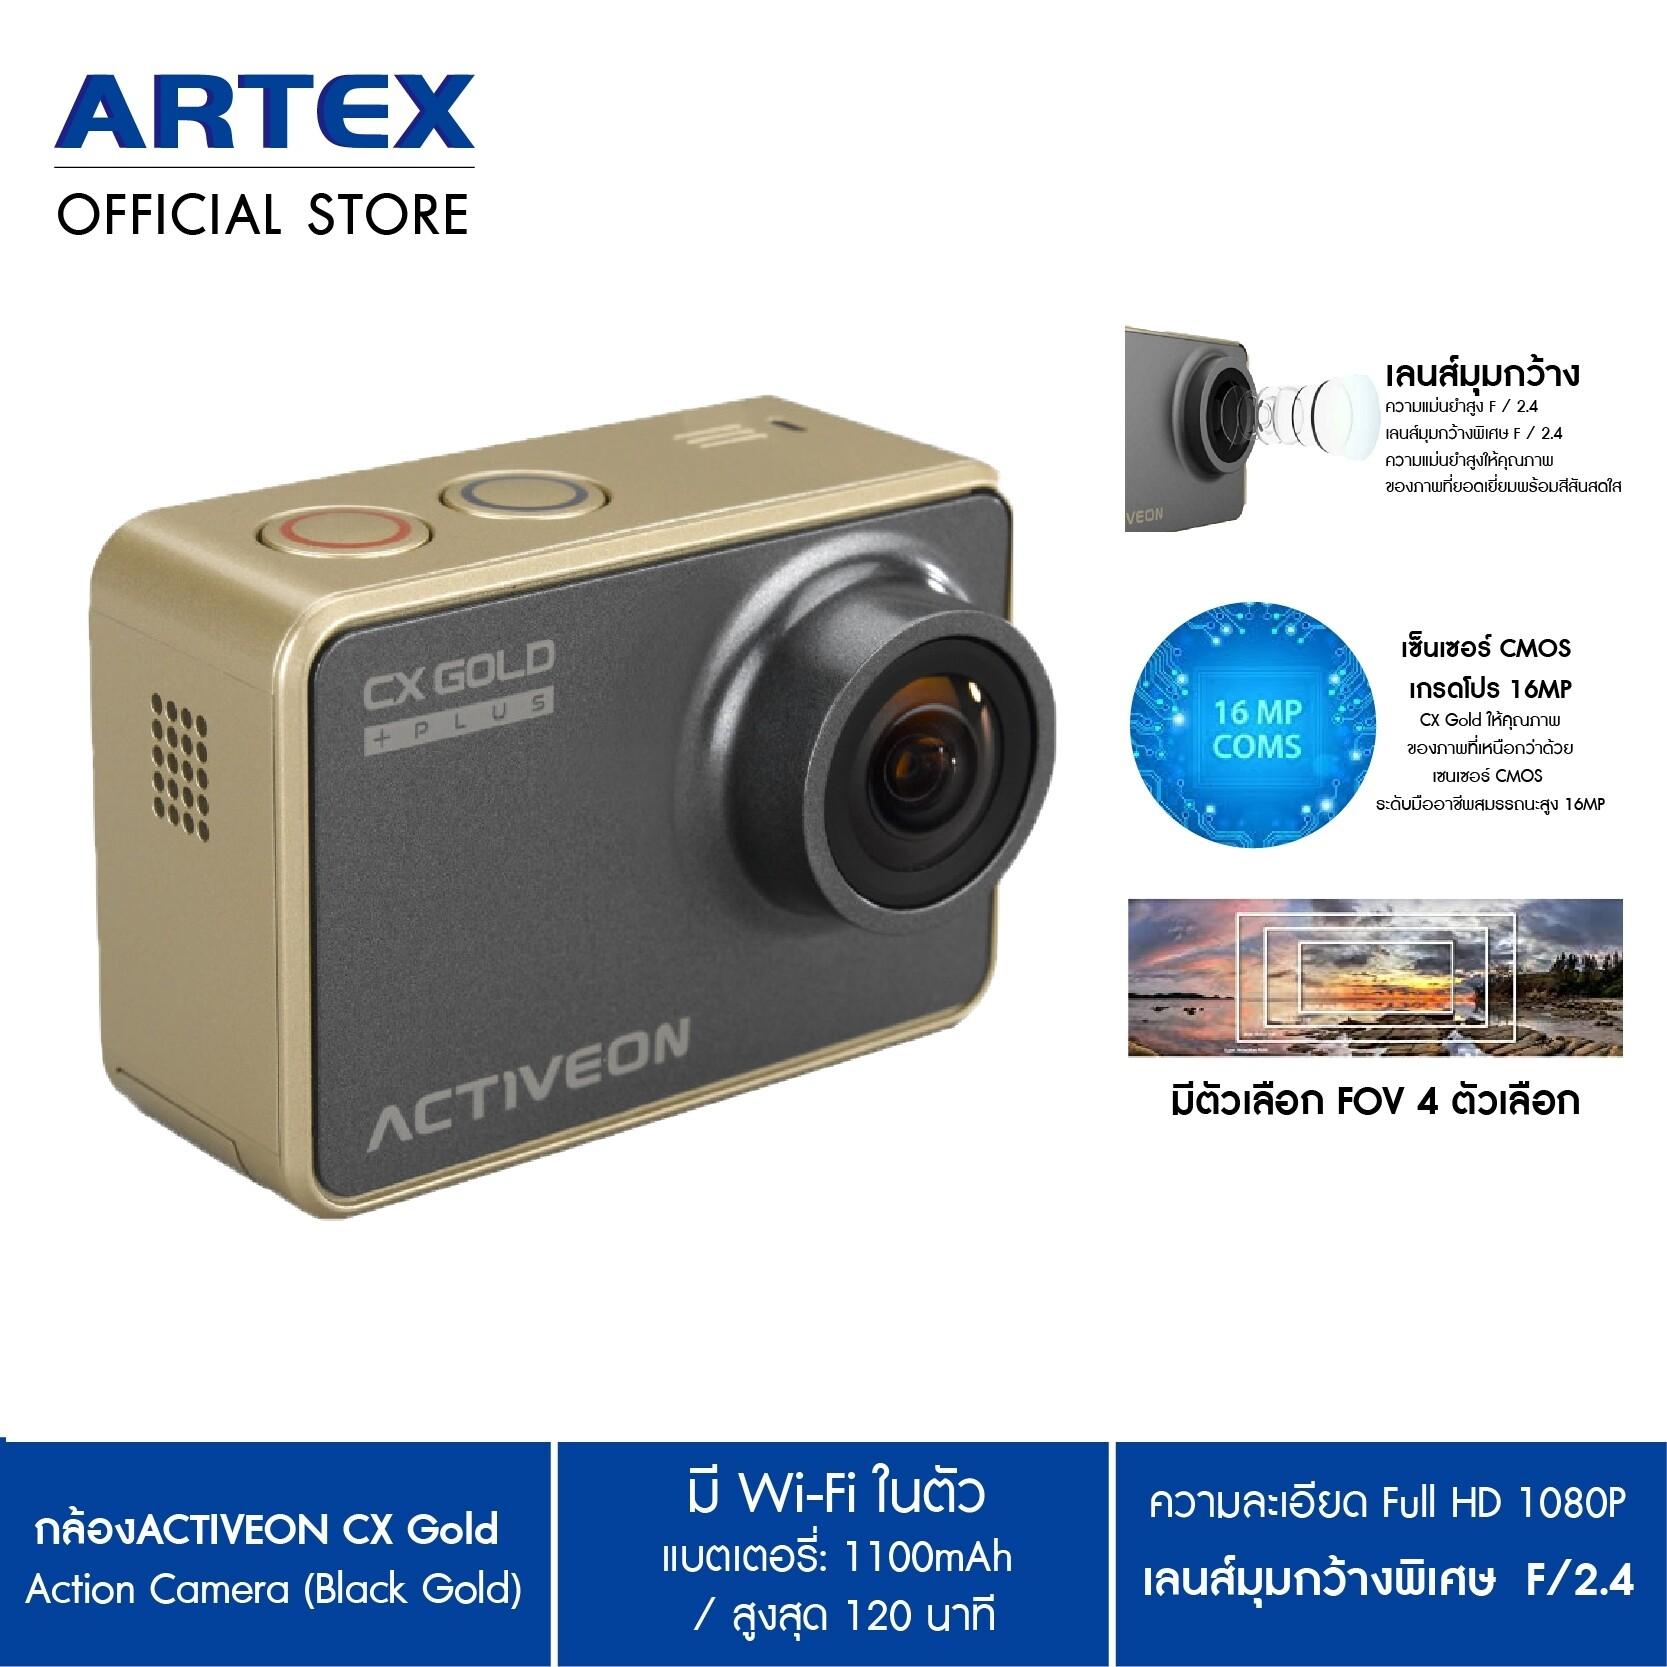 กล้องถ่ายรูป แบรนด์ Activeon ถ่ายใต้น้ำ ถ่ายวิดิโอ ,wi-Fi ในตัว รูปภาพคมชัด Hd ถึง 1080p.